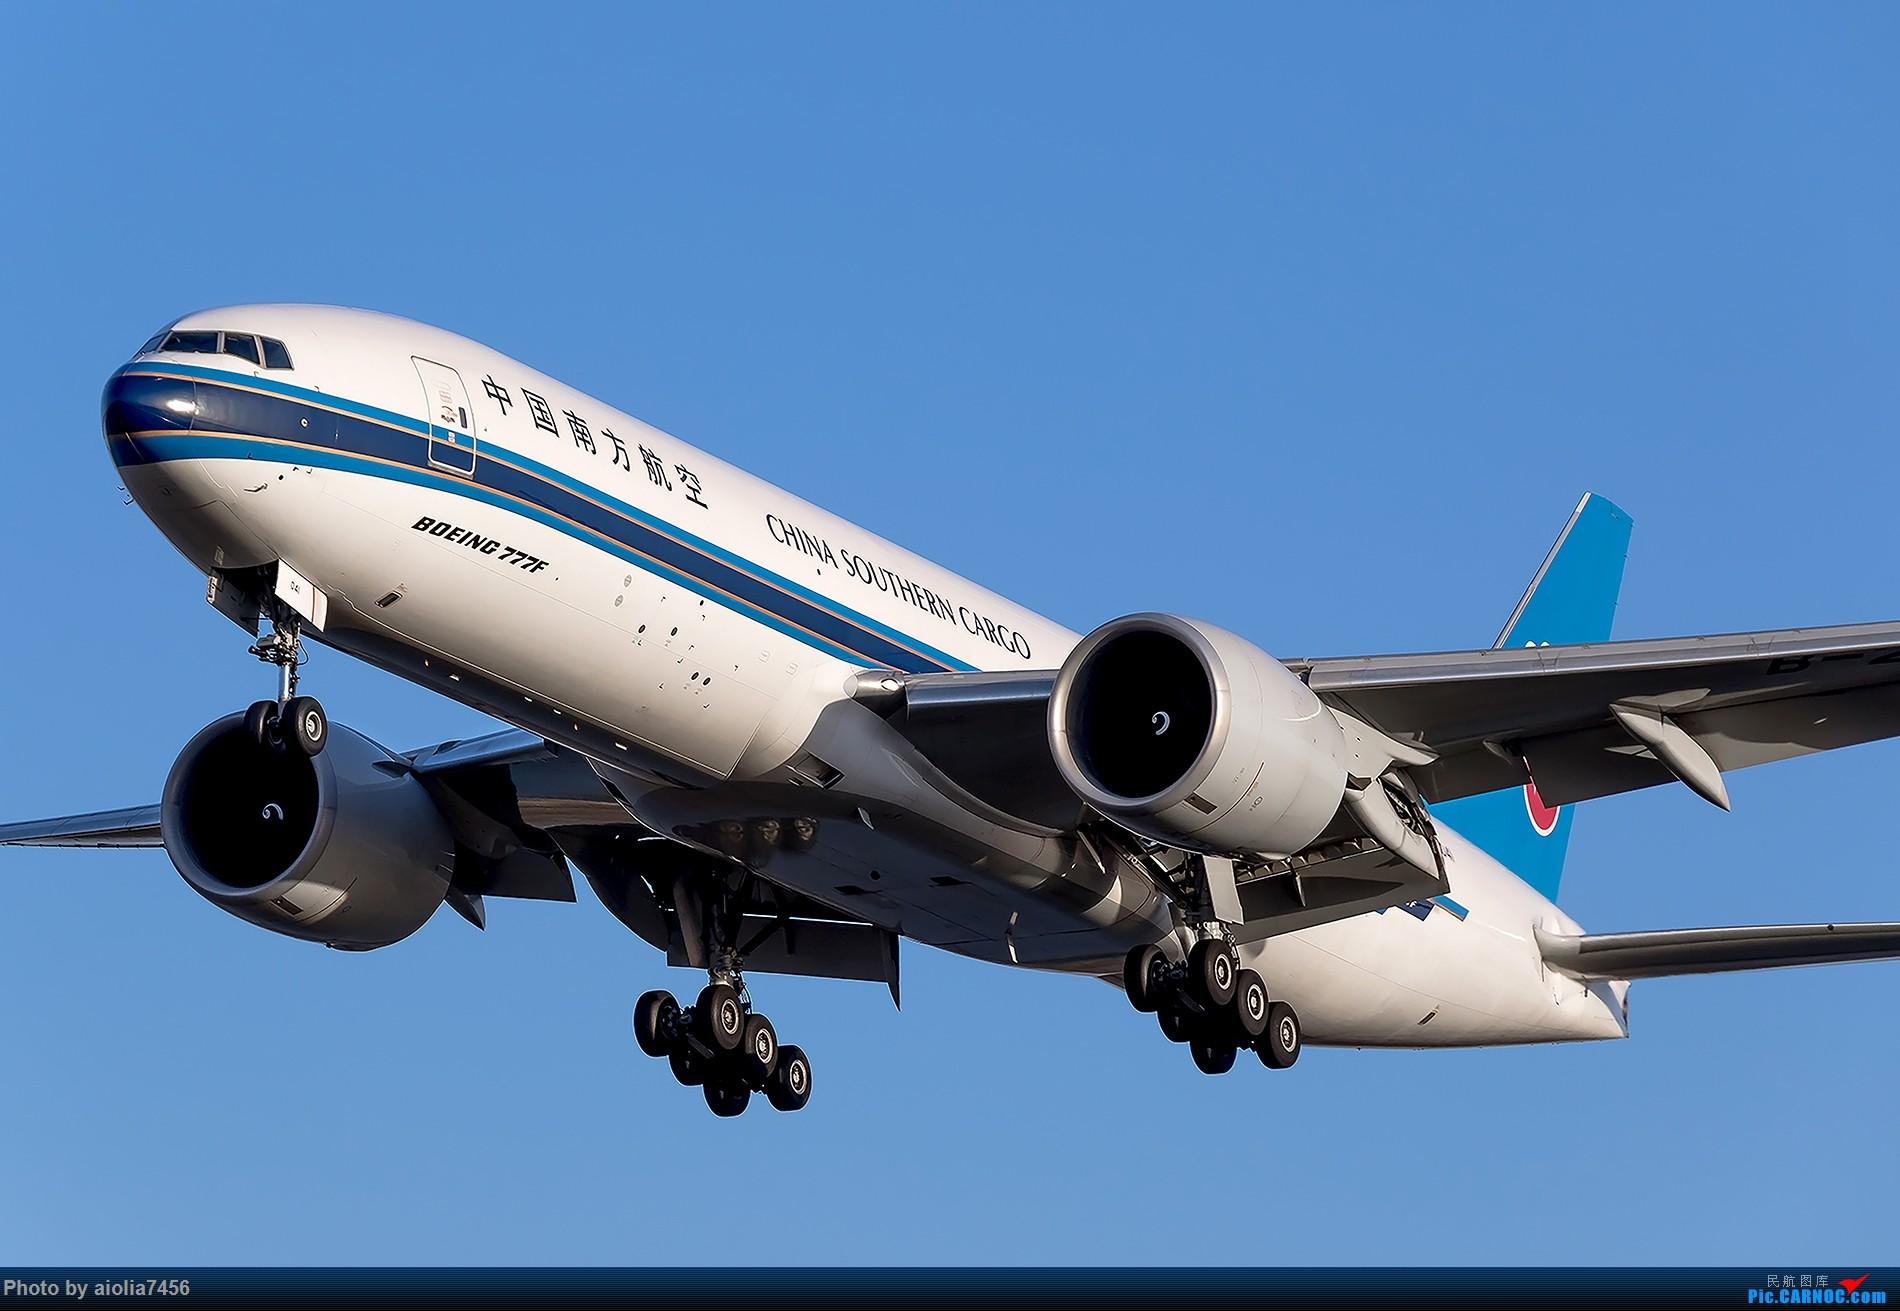 [霸都打鸡队]秋过长空碧如洗,谁道我桥无蓝天? BOEING 777-200 B-2041 中国合肥新桥国际机场